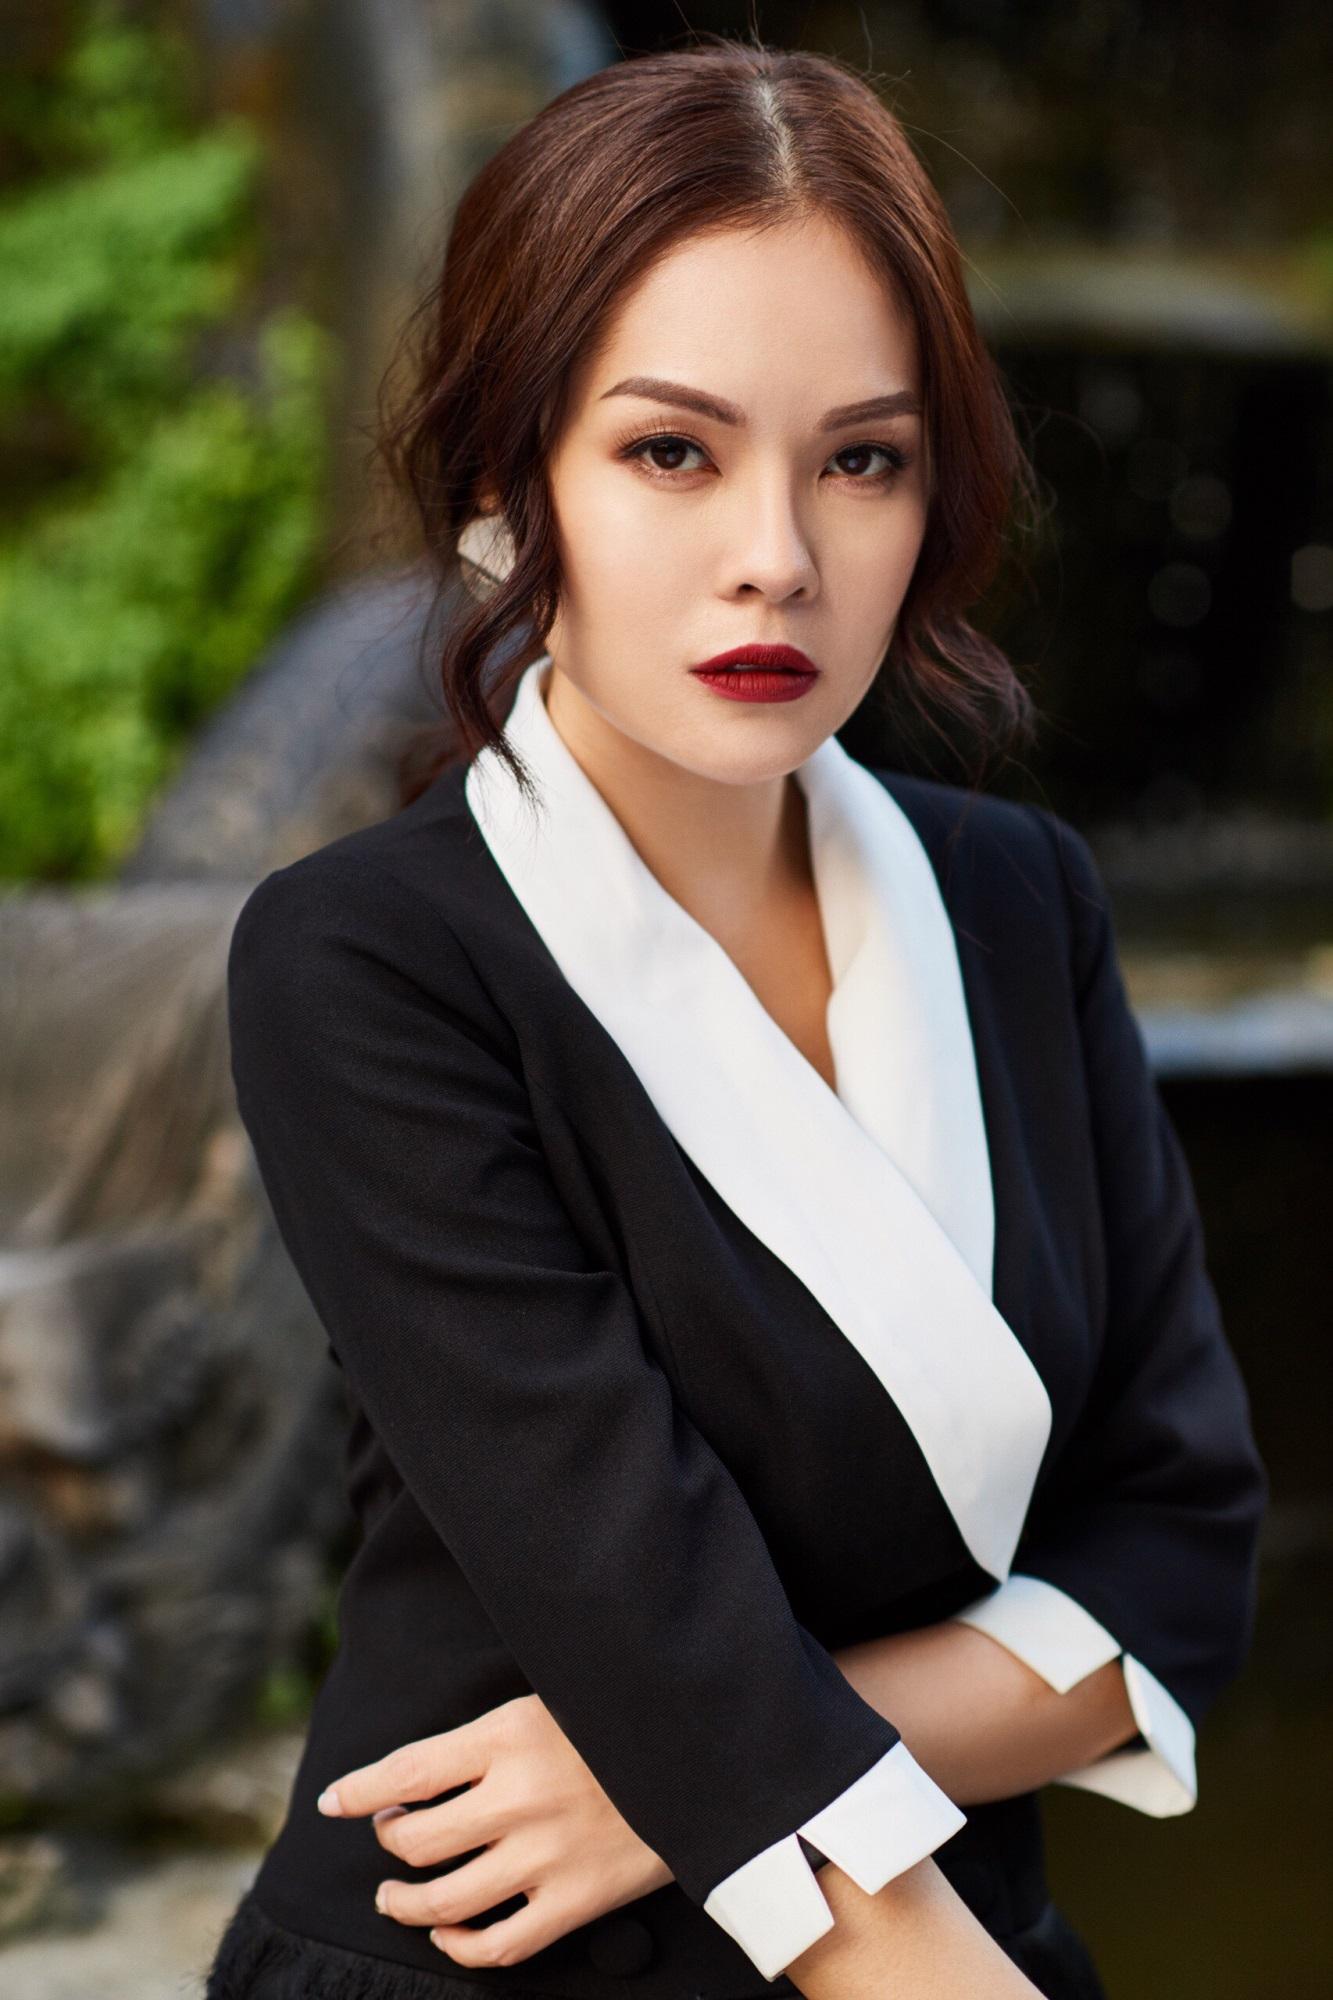 'Bà mẹ đơn thân' Dương Cẩm Lynh khoe nhan sắc rạng ngời với street style sang trọng - Ảnh 4